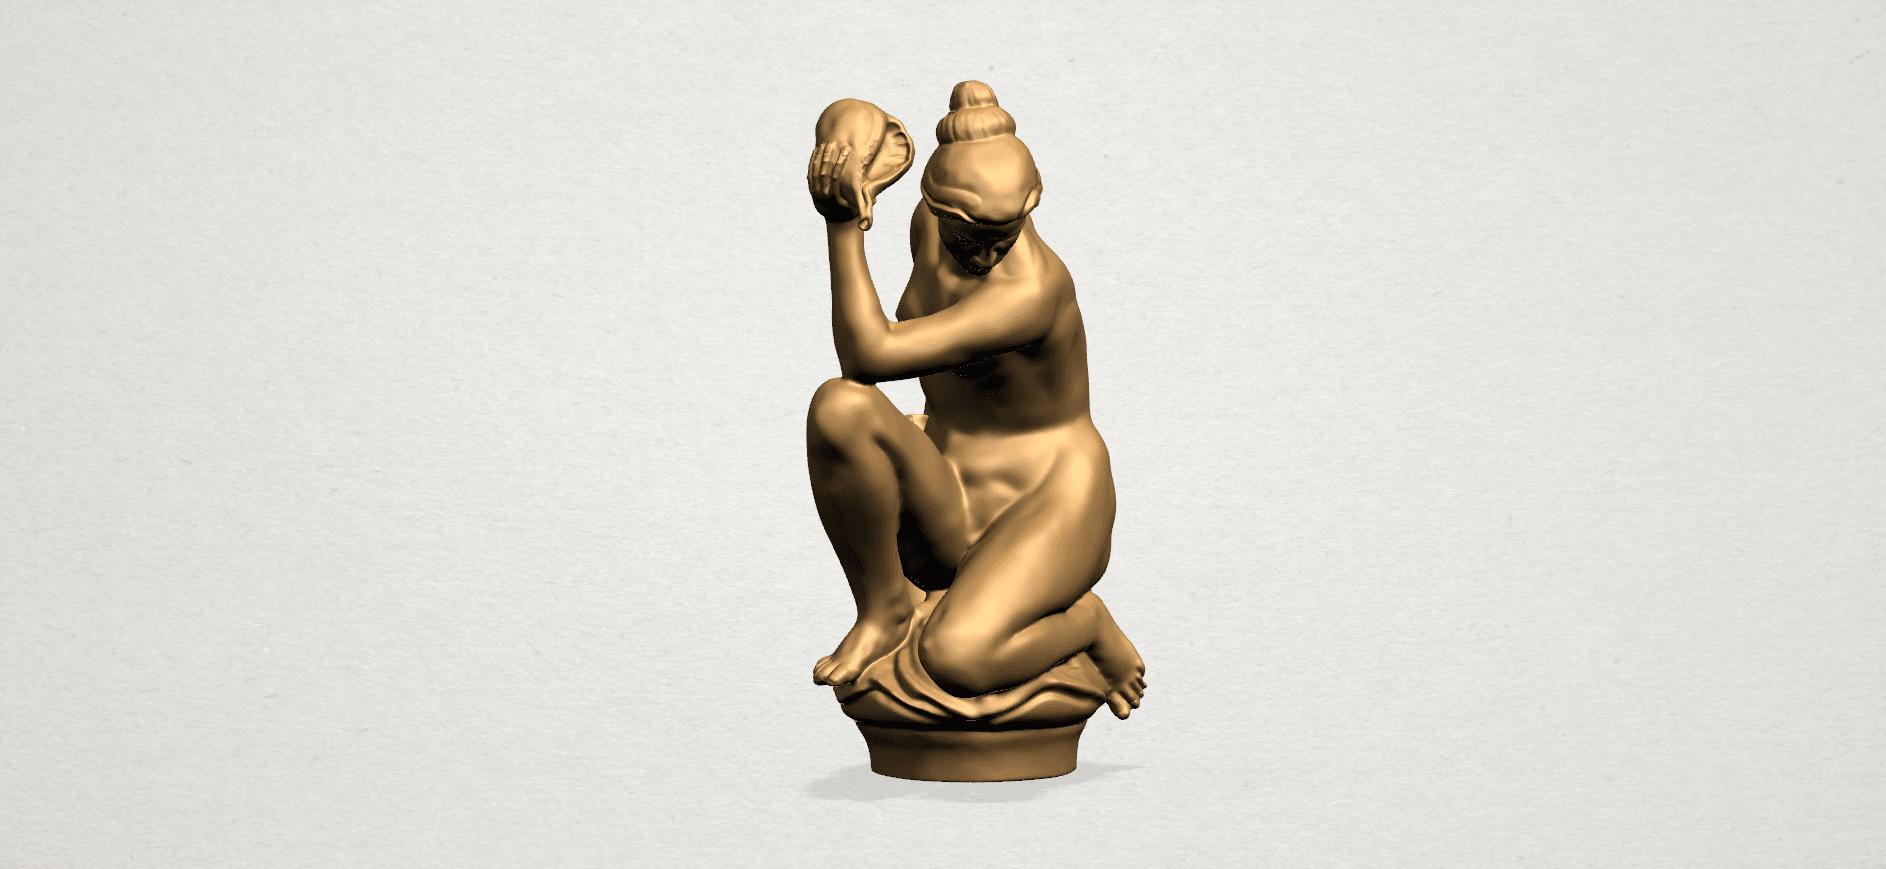 Naked Girl - With Pot - A10.png Télécharger fichier STL gratuit Fille Nue - Avec Pot • Modèle à imprimer en 3D, GeorgesNikkei